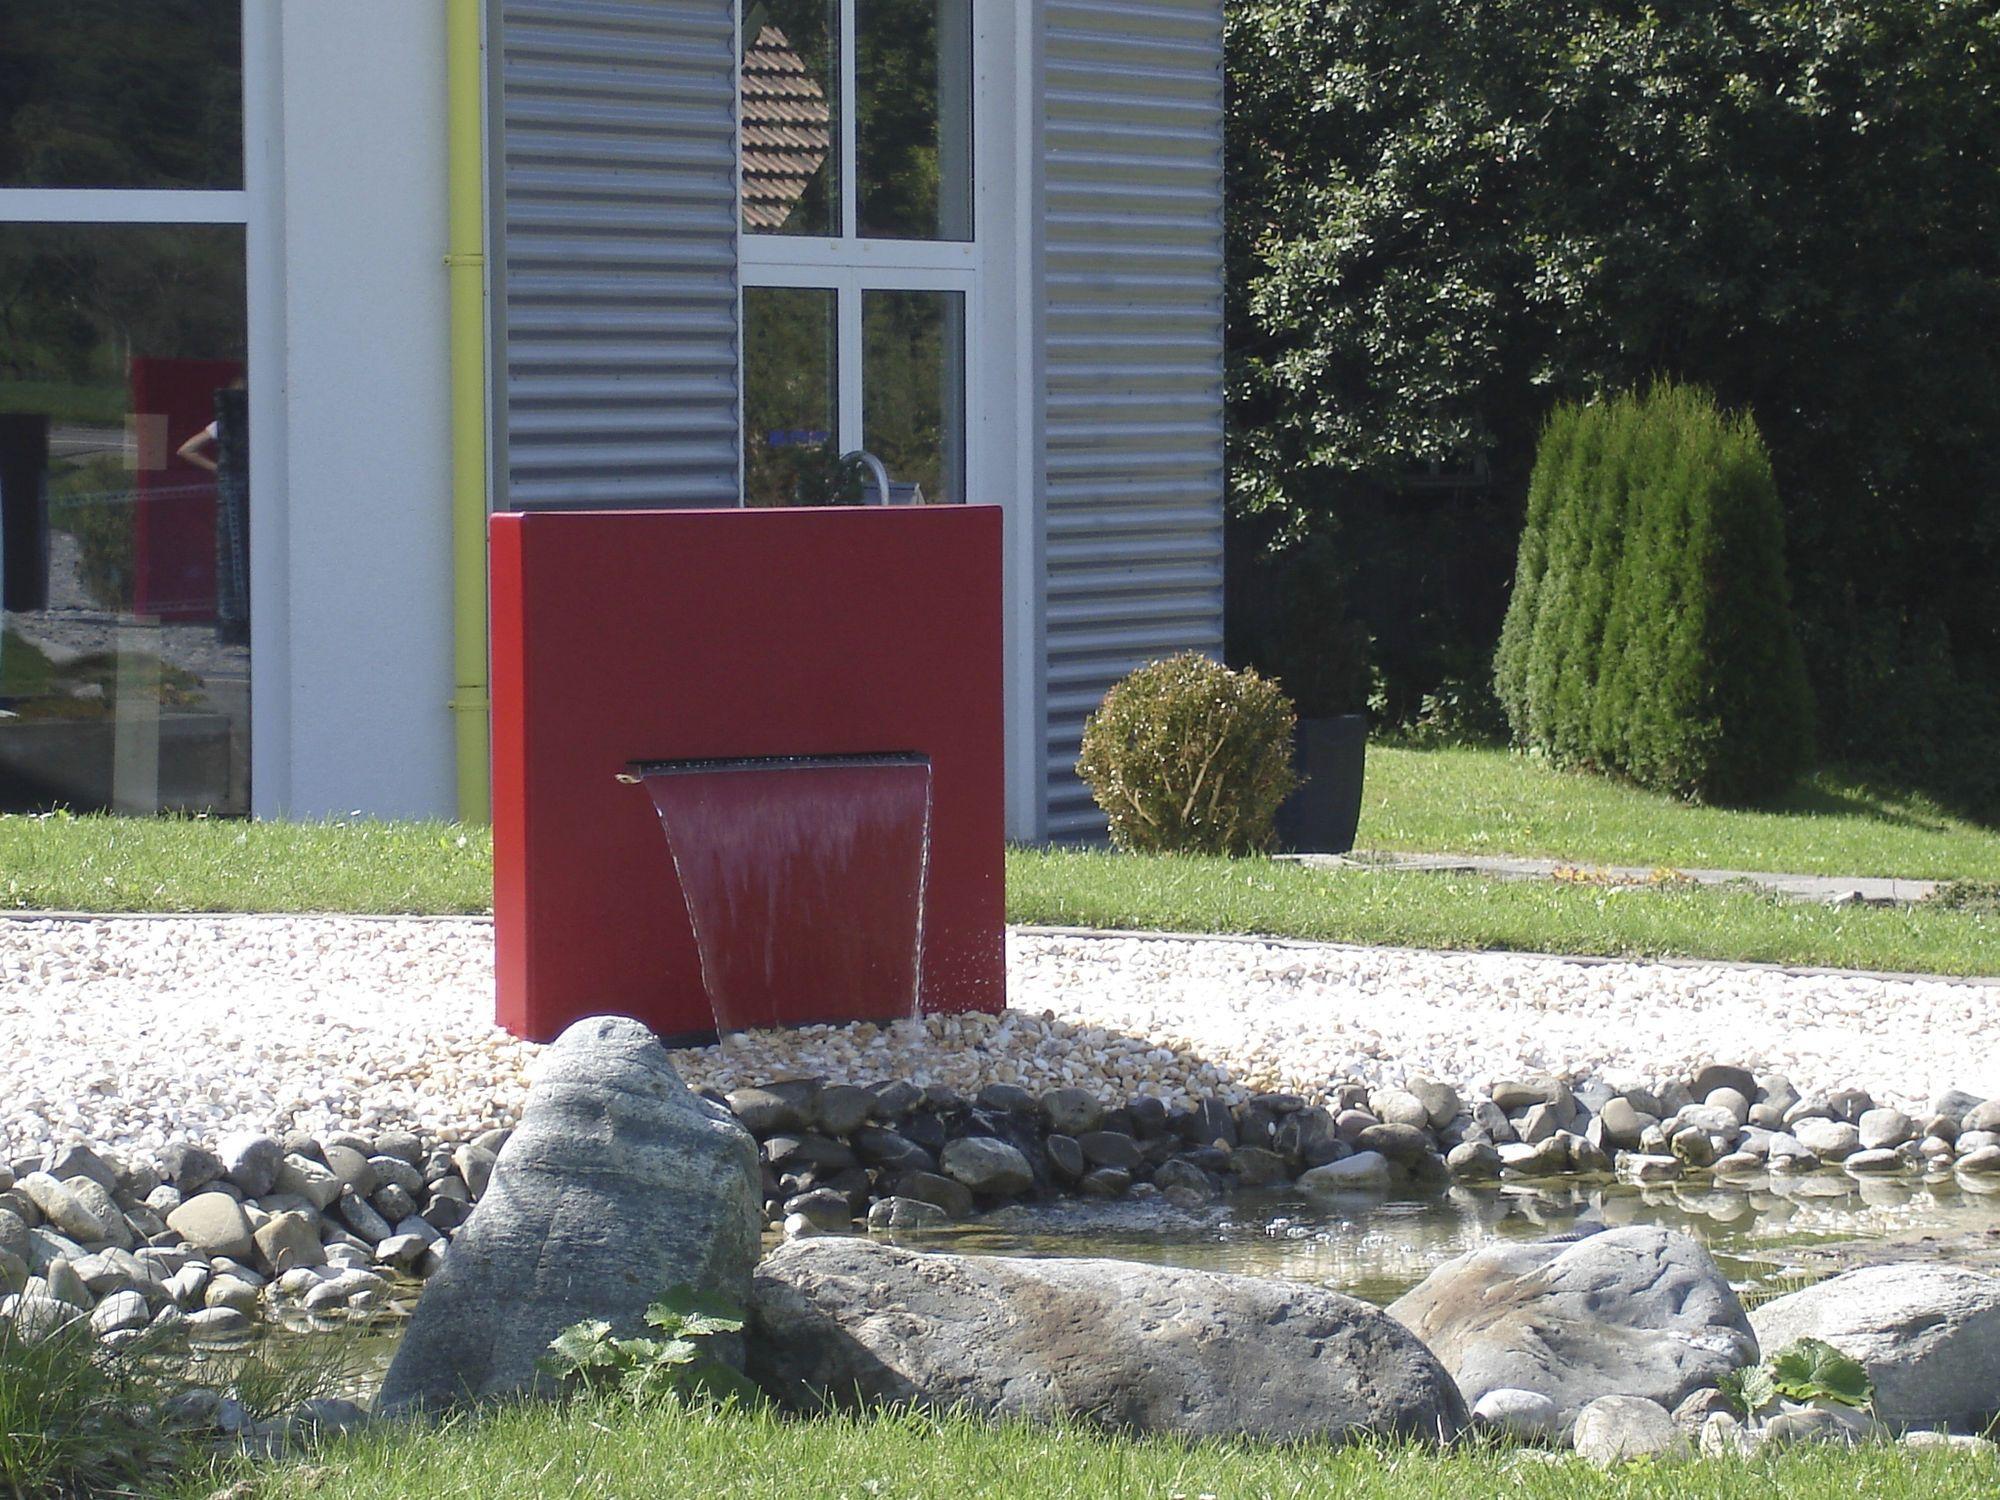 Charmant Fontaine De Jardin / Contemporaine WASSERFALL STELE Slink   Ideen Mit Wasser